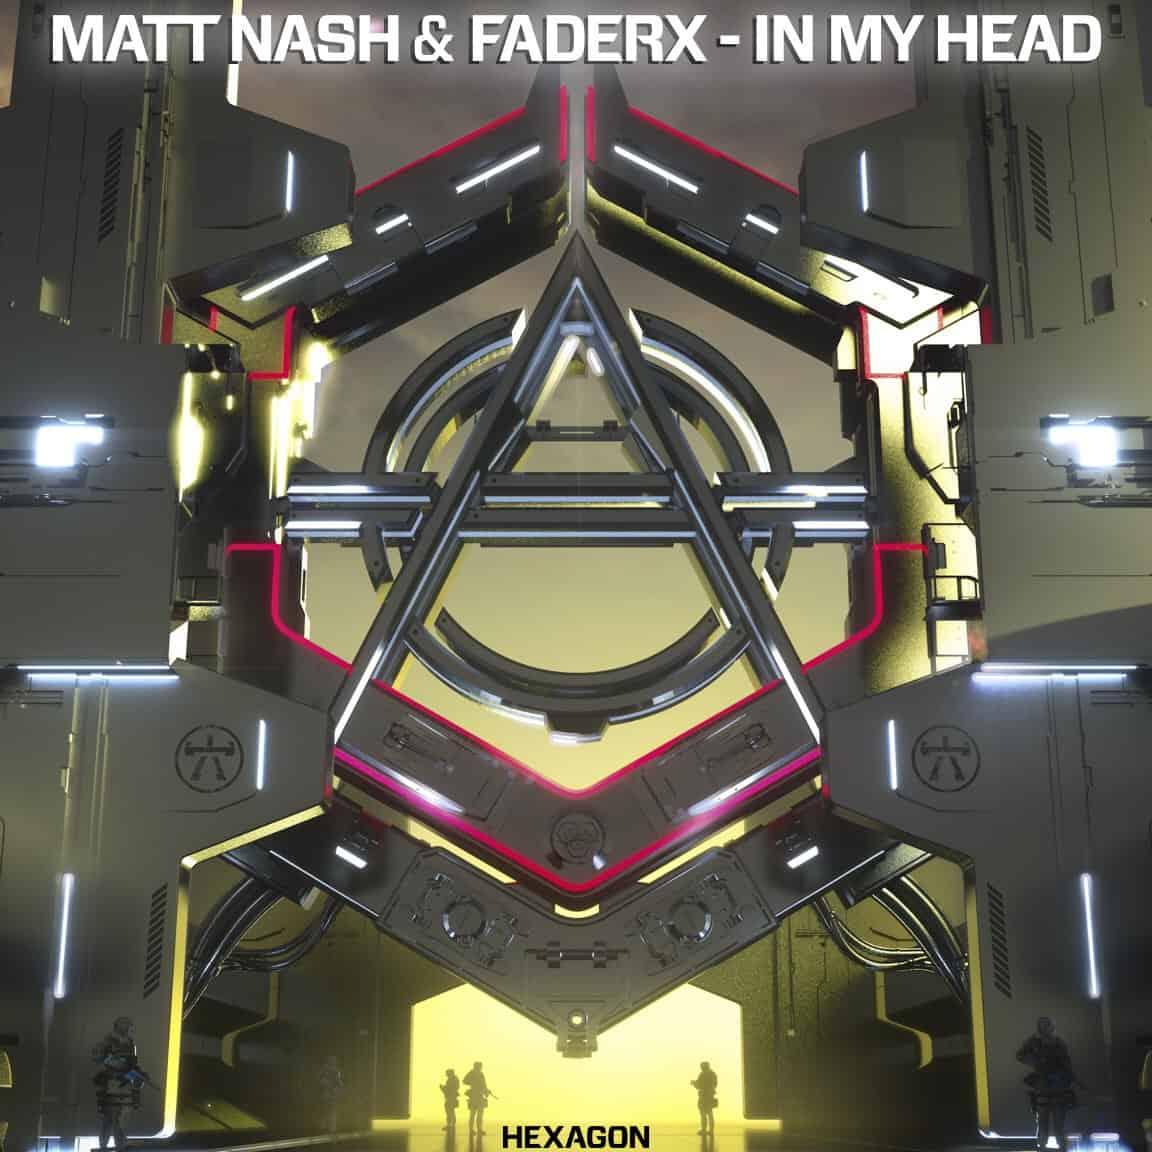 Matt Nash & FaderX – In My Head taken from Hexagon's Festival Weapons EP